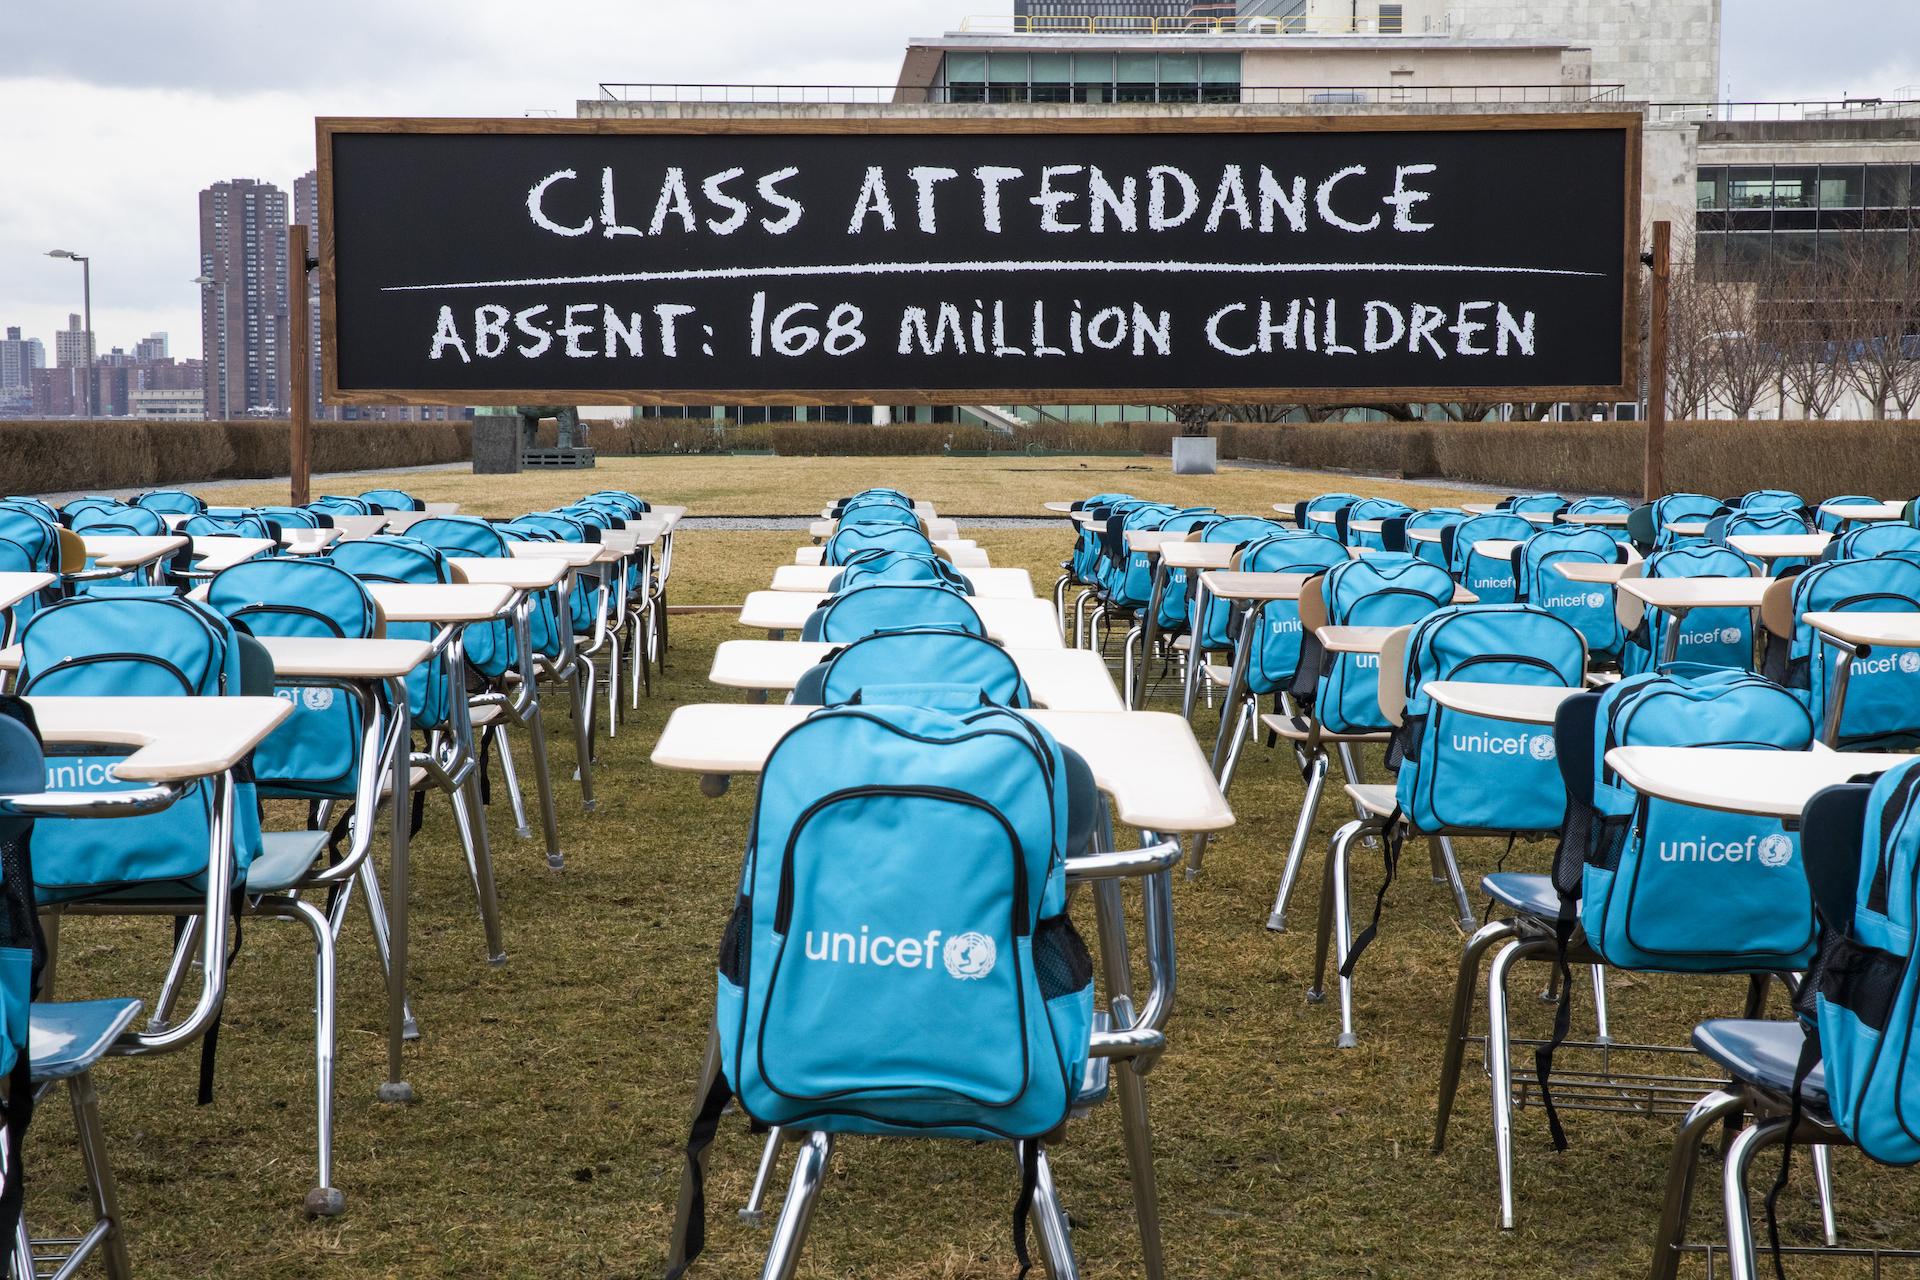 UNICEF: scuole chiuse quasi un anno per 168 milioni di studenti a causa del COVID-19